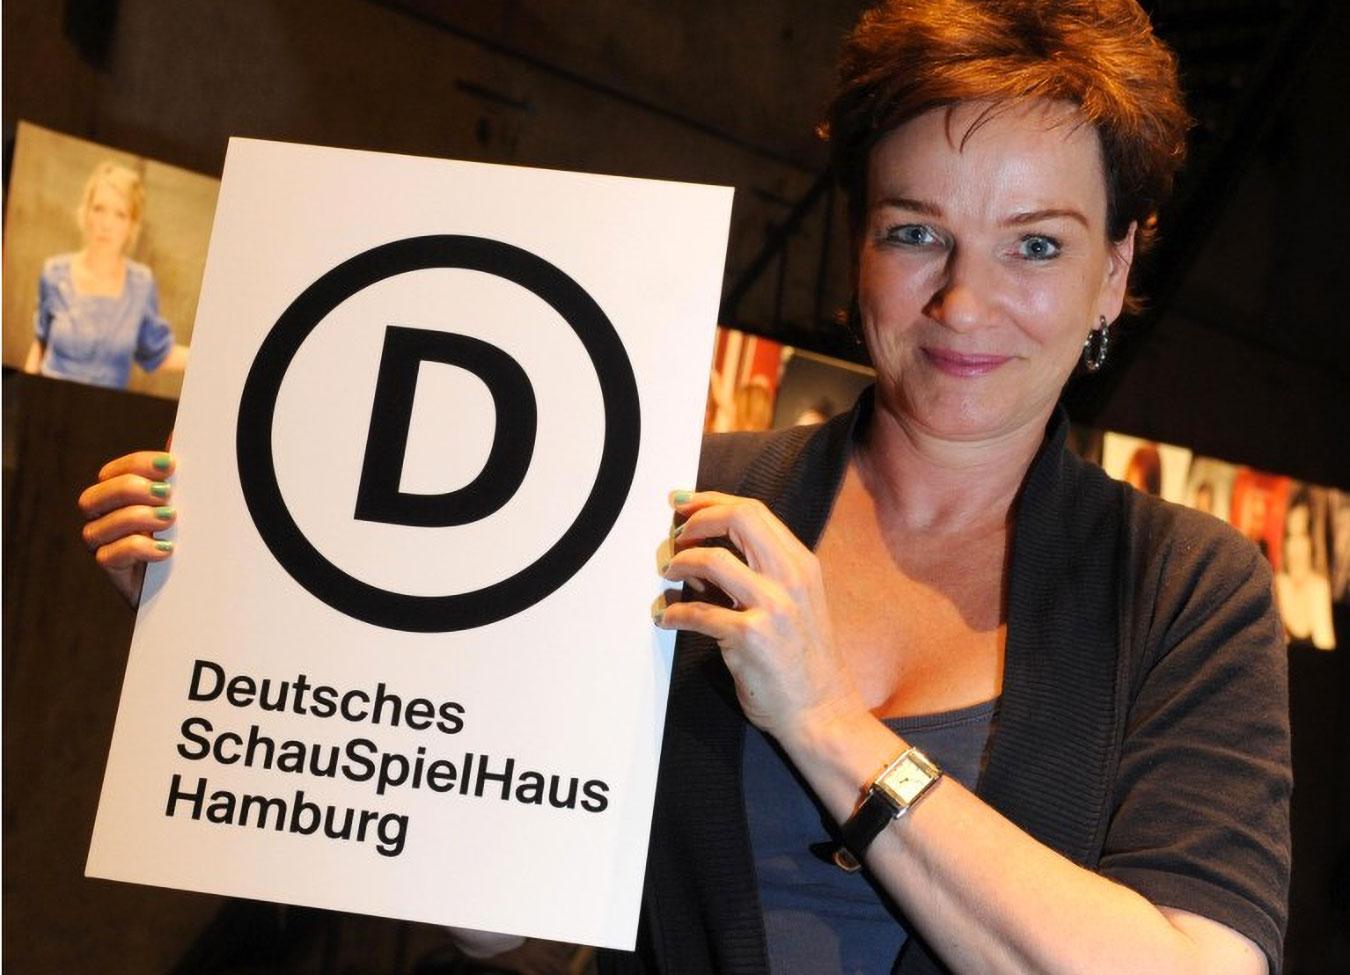 Deutsches Schauspielhaus Hamburg Karin Baier